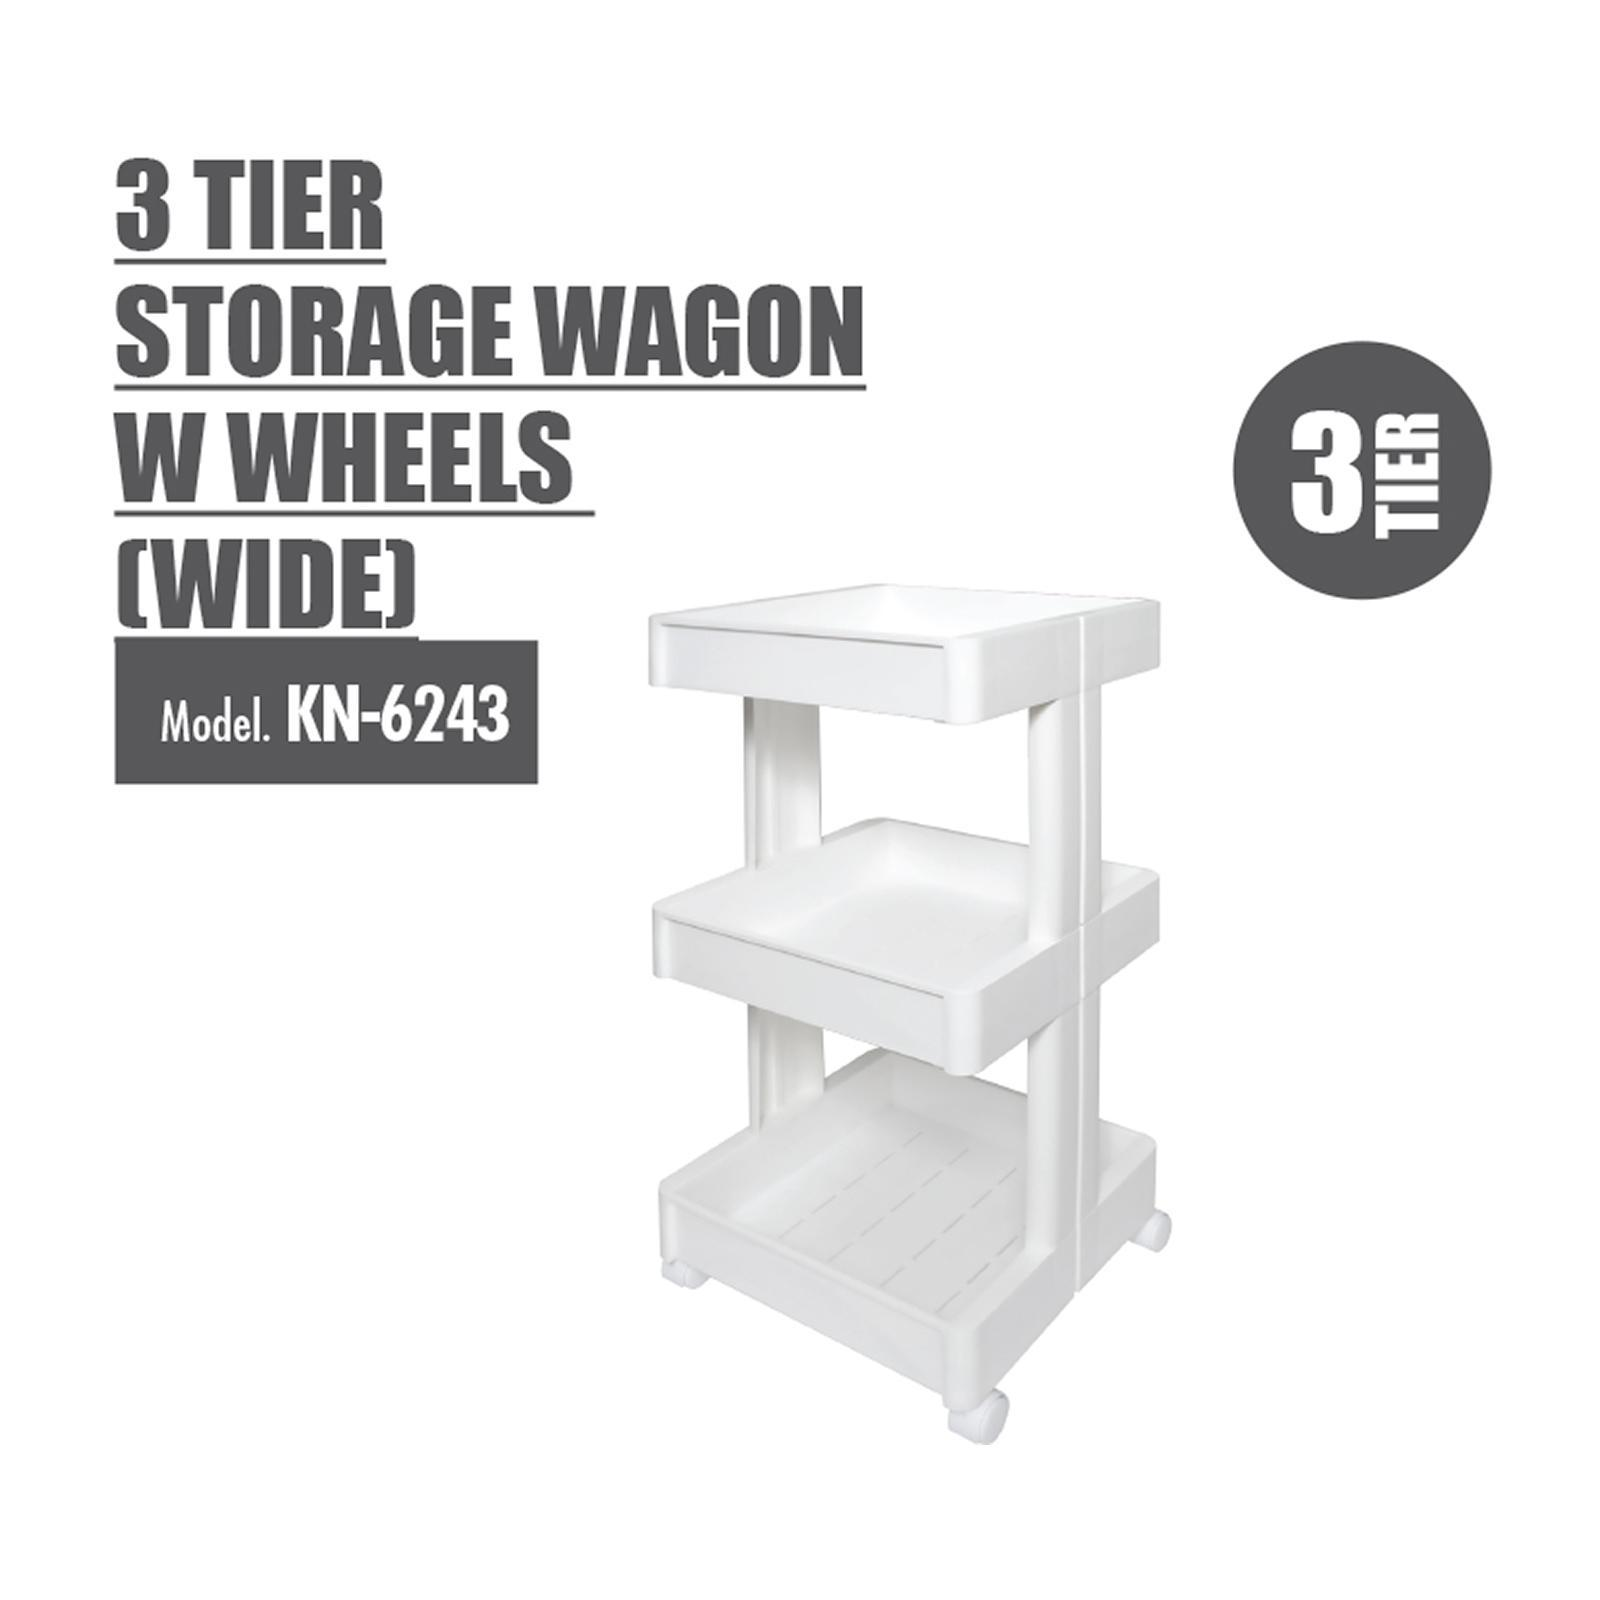 Houze 4 Tier Storage Wagon With Wheels - KN-6244-WHITE